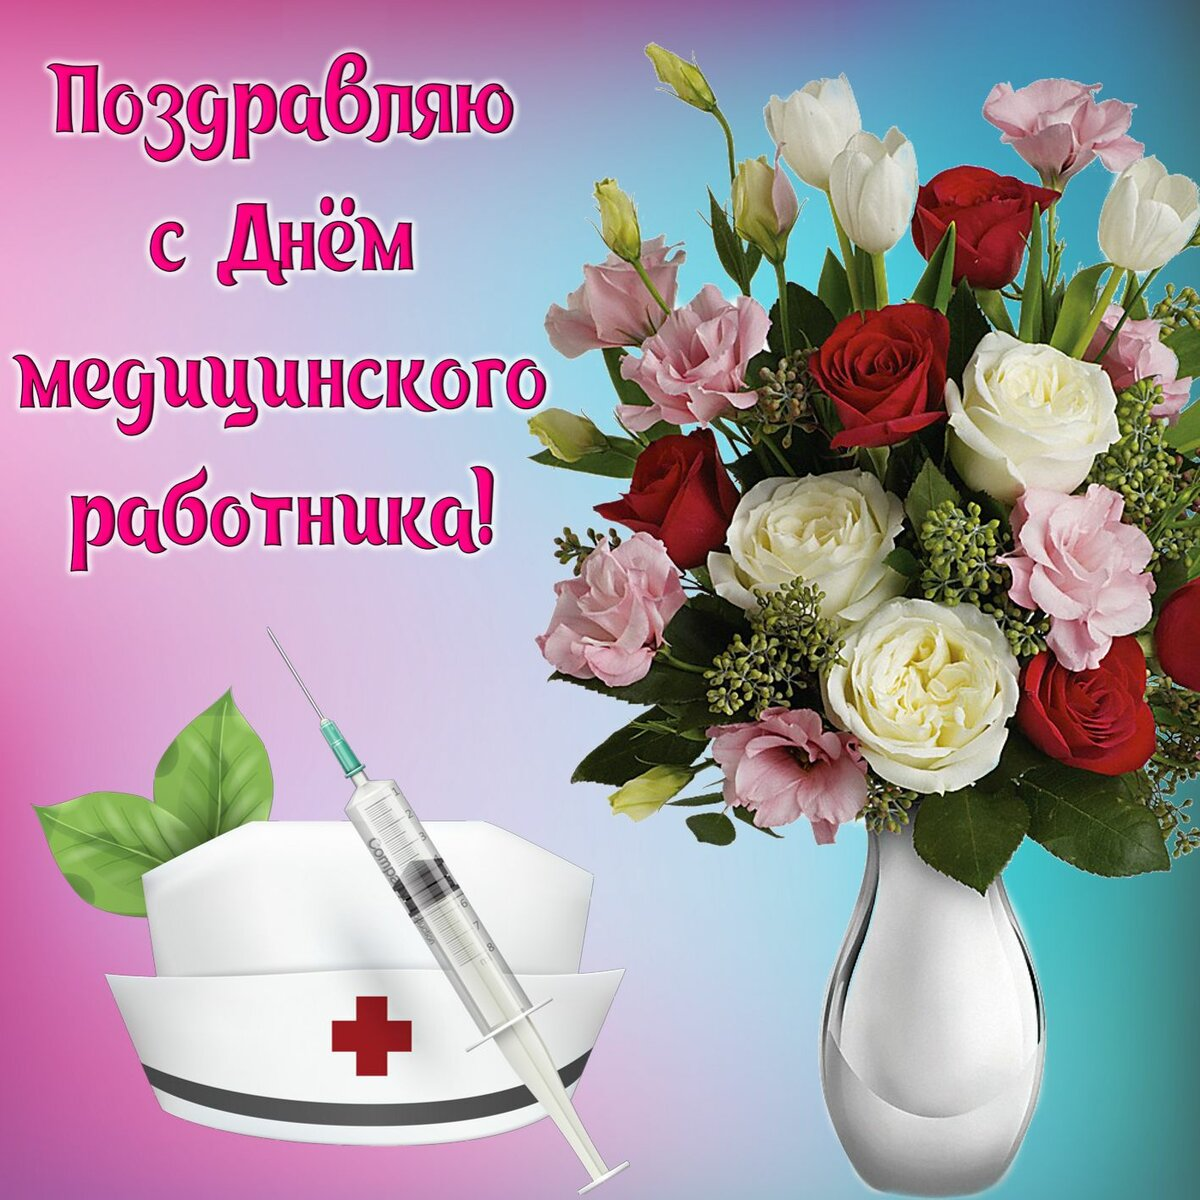 Чашкой, картинки с праздником медицинского работника